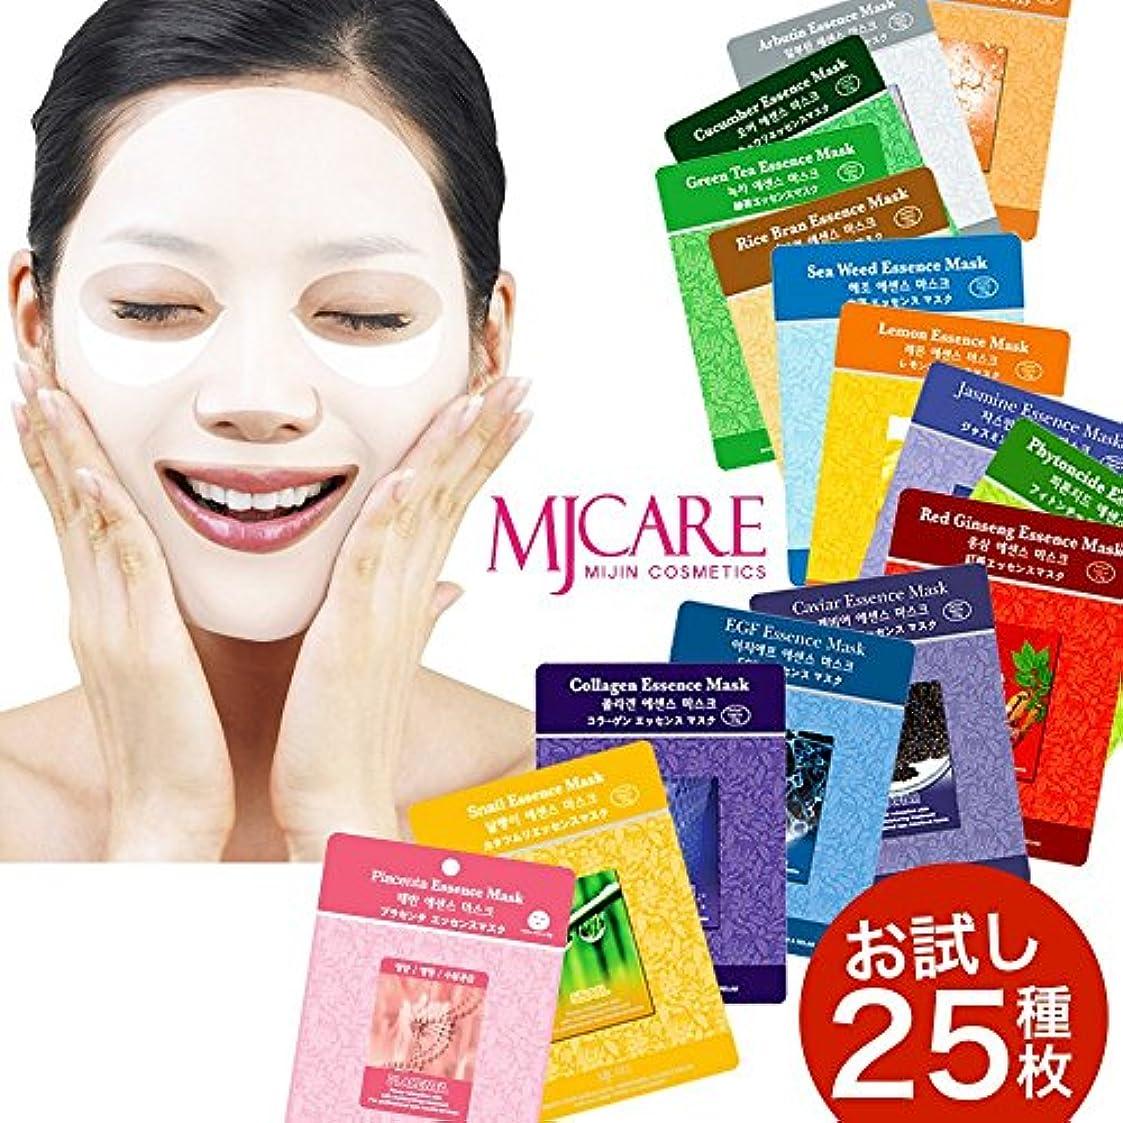 吐き出す動機付けるアマゾンジャングルシートマスク フェイスパック フェイスマスク MJcare オススメ 25枚 set